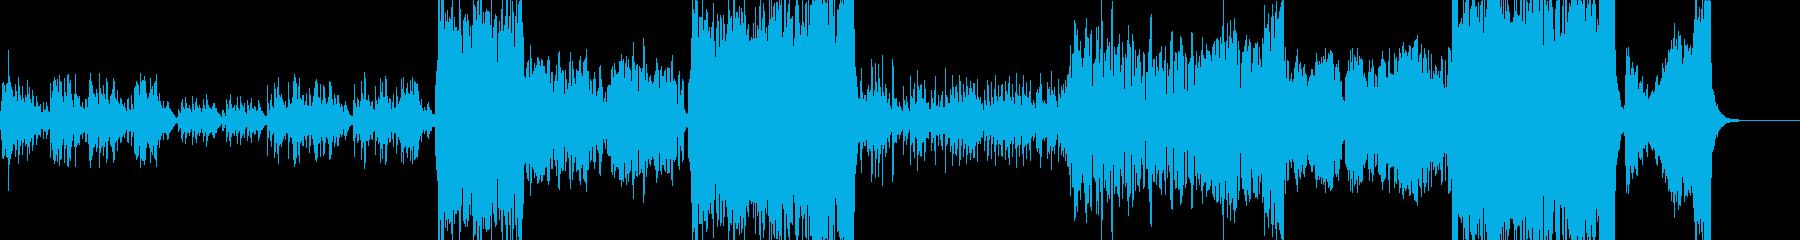 メルヘンでアニマルチックなワルツの再生済みの波形